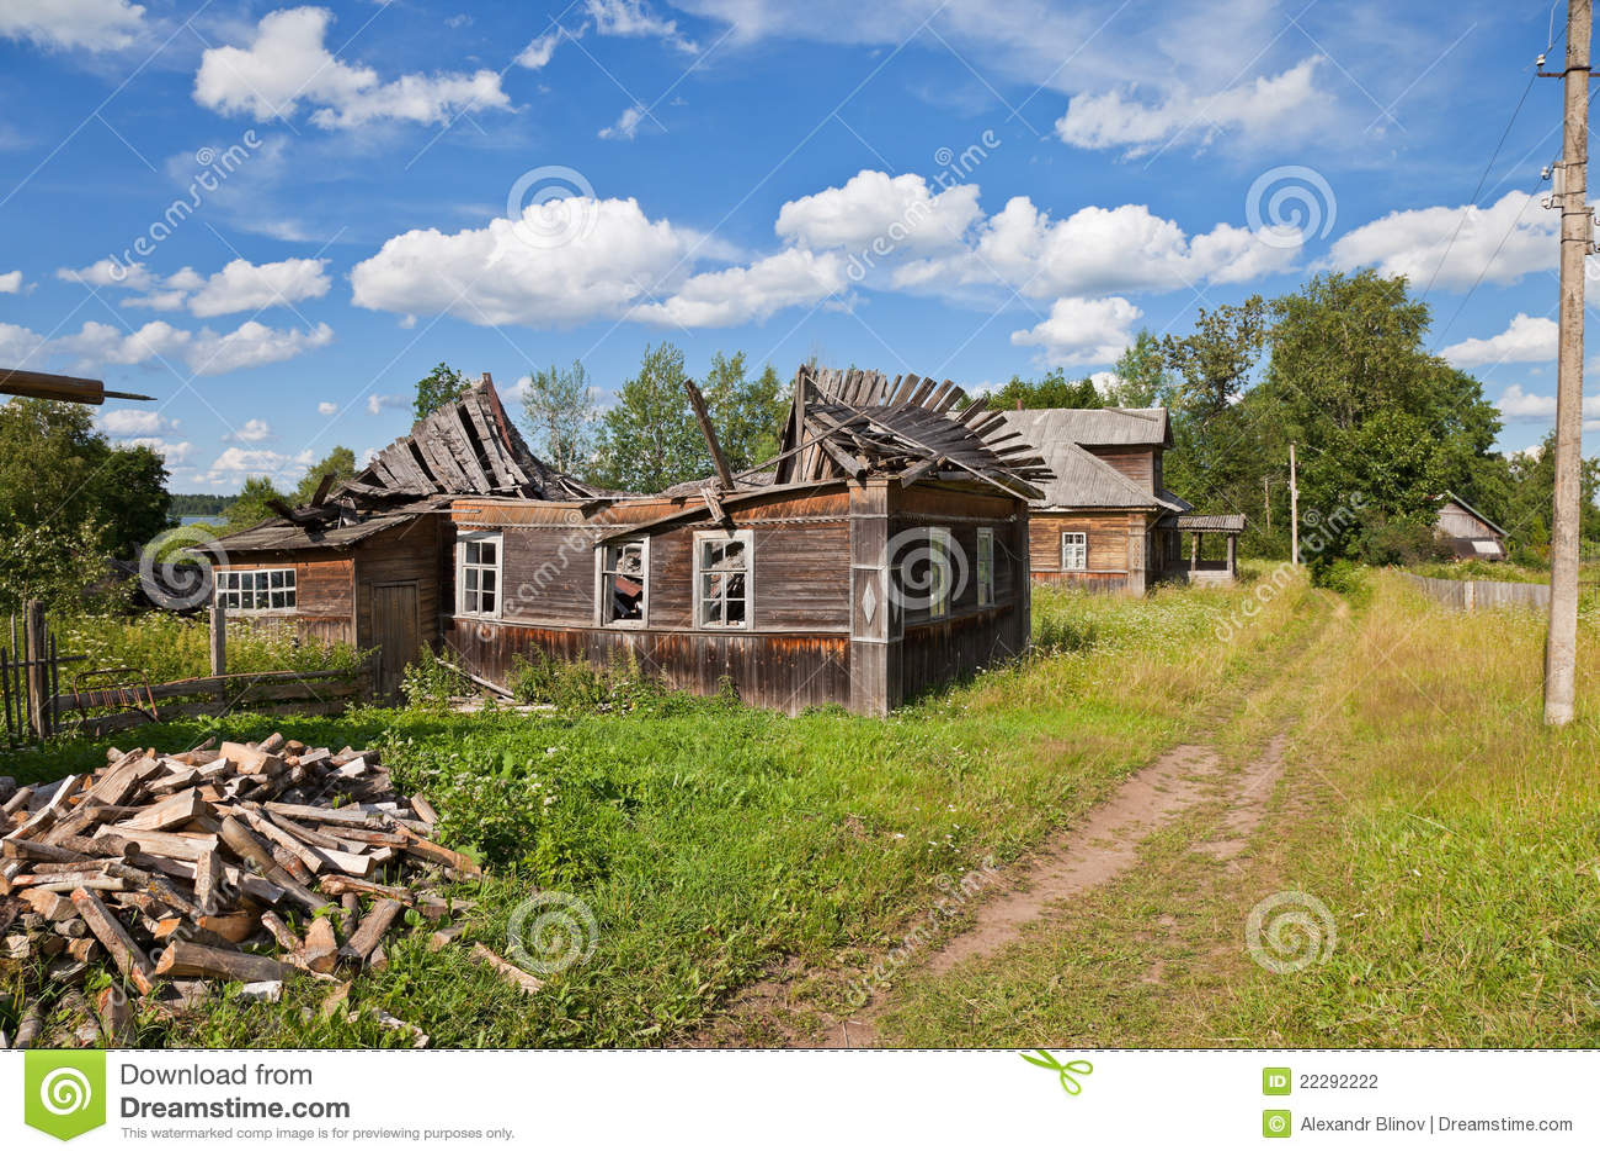 Casas De Madera Viejas En La Aldea Rusa Fotografía de ... - photo#14